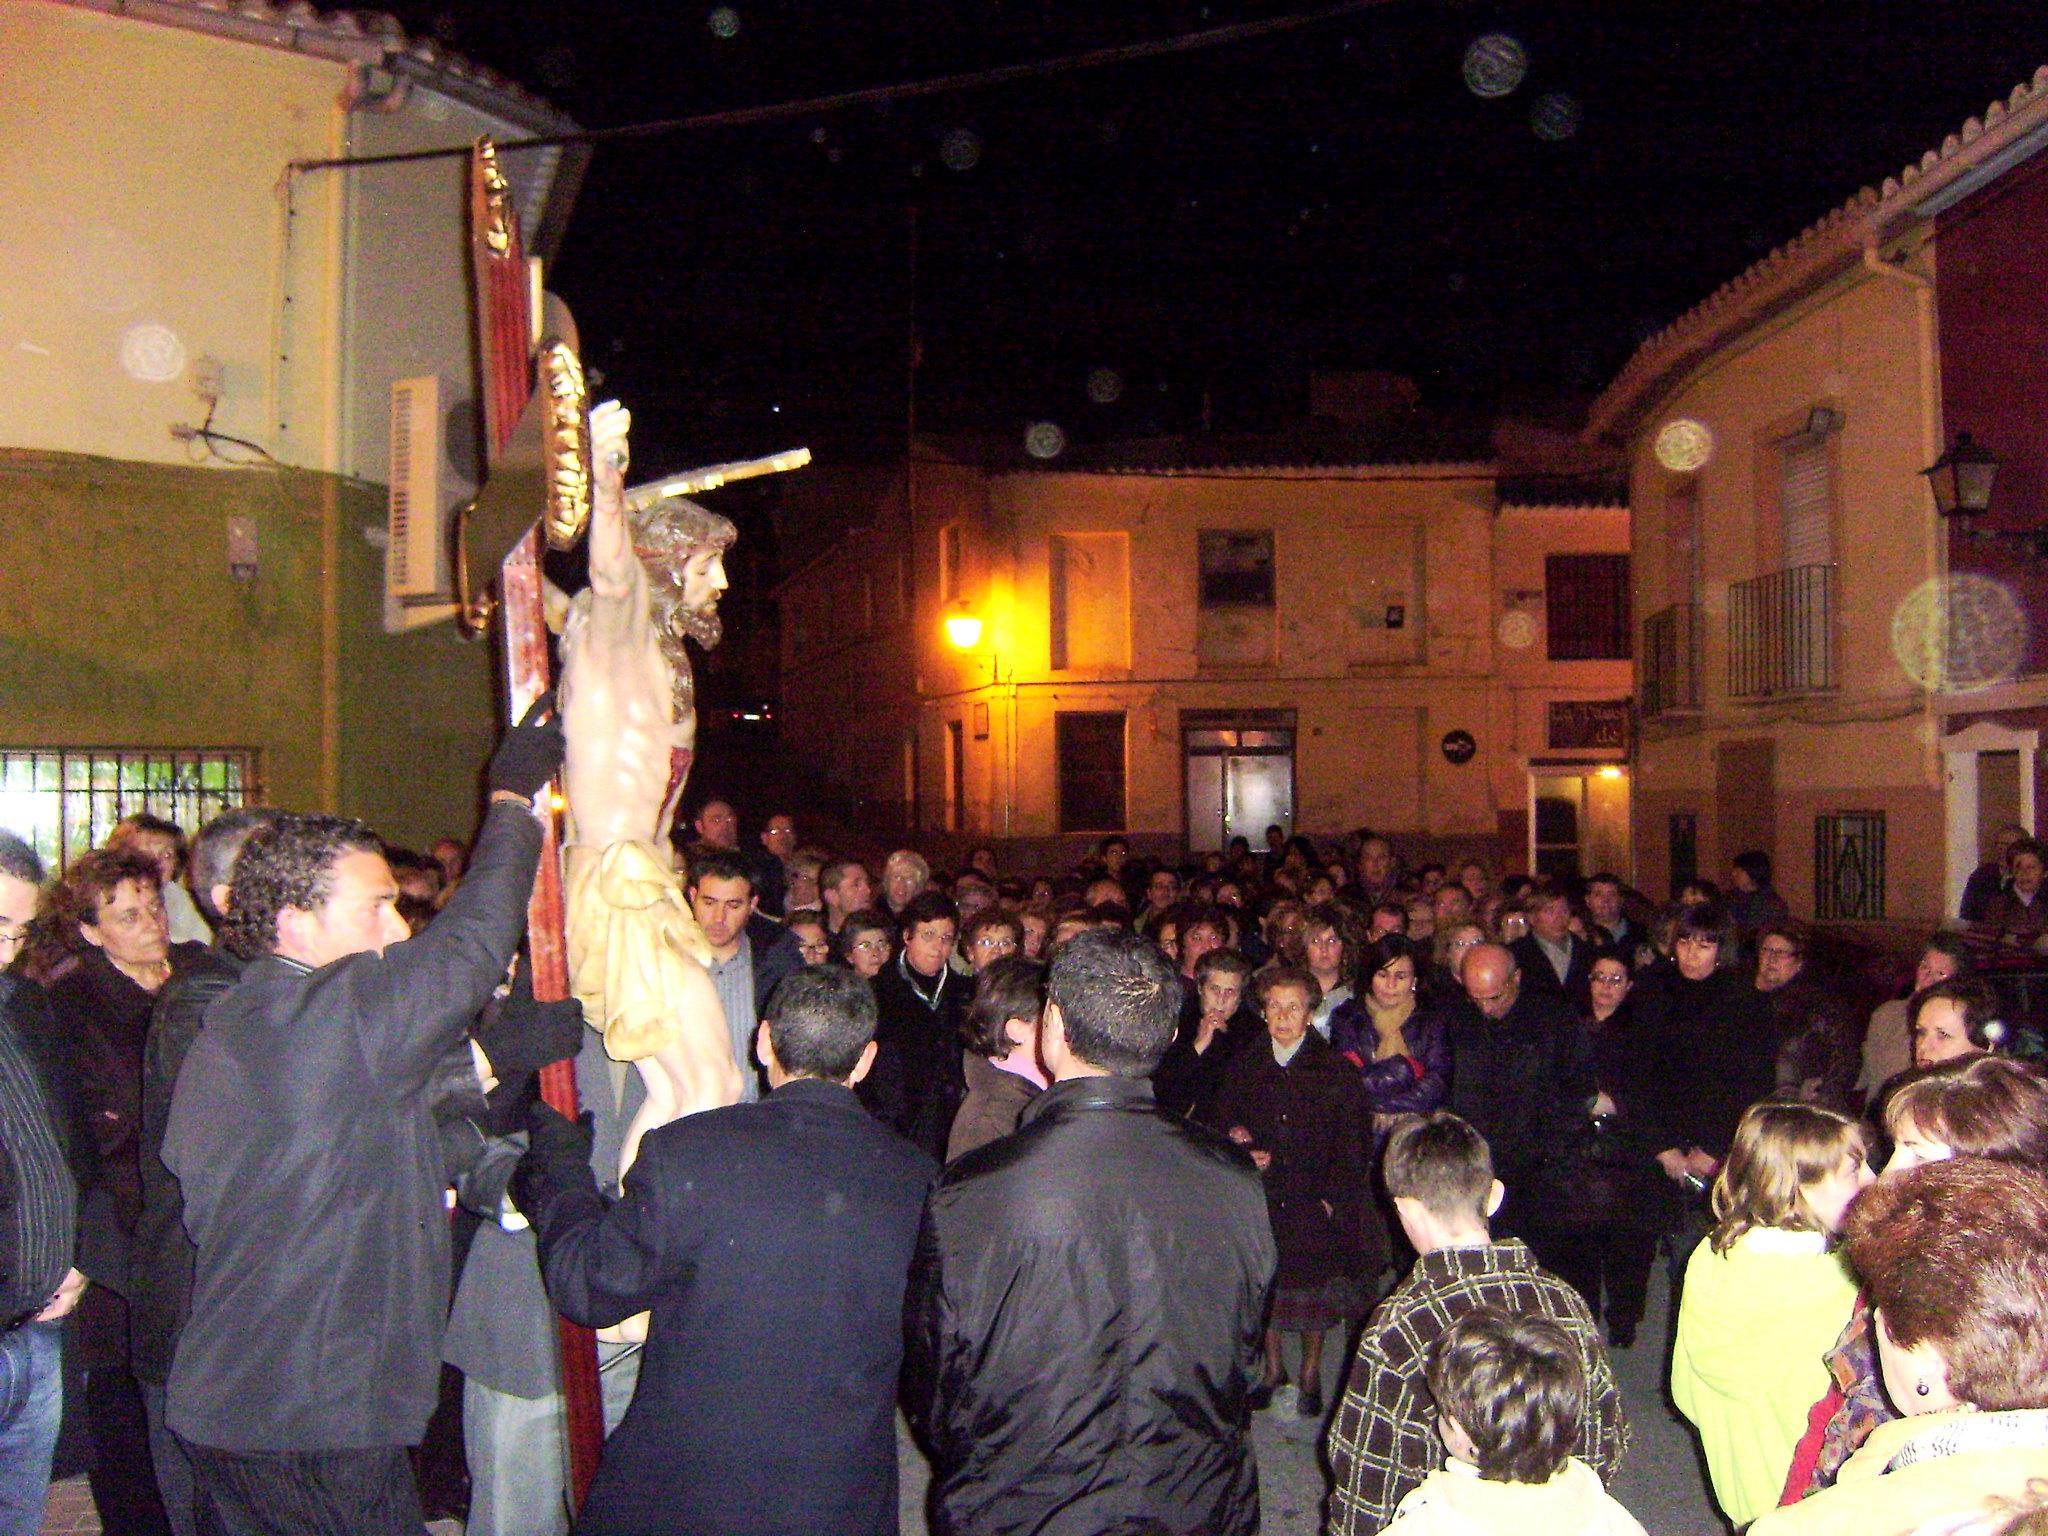 (2010-03-26) - I Vía Crucis nocturno - Javier Romero Ripoll - (09)